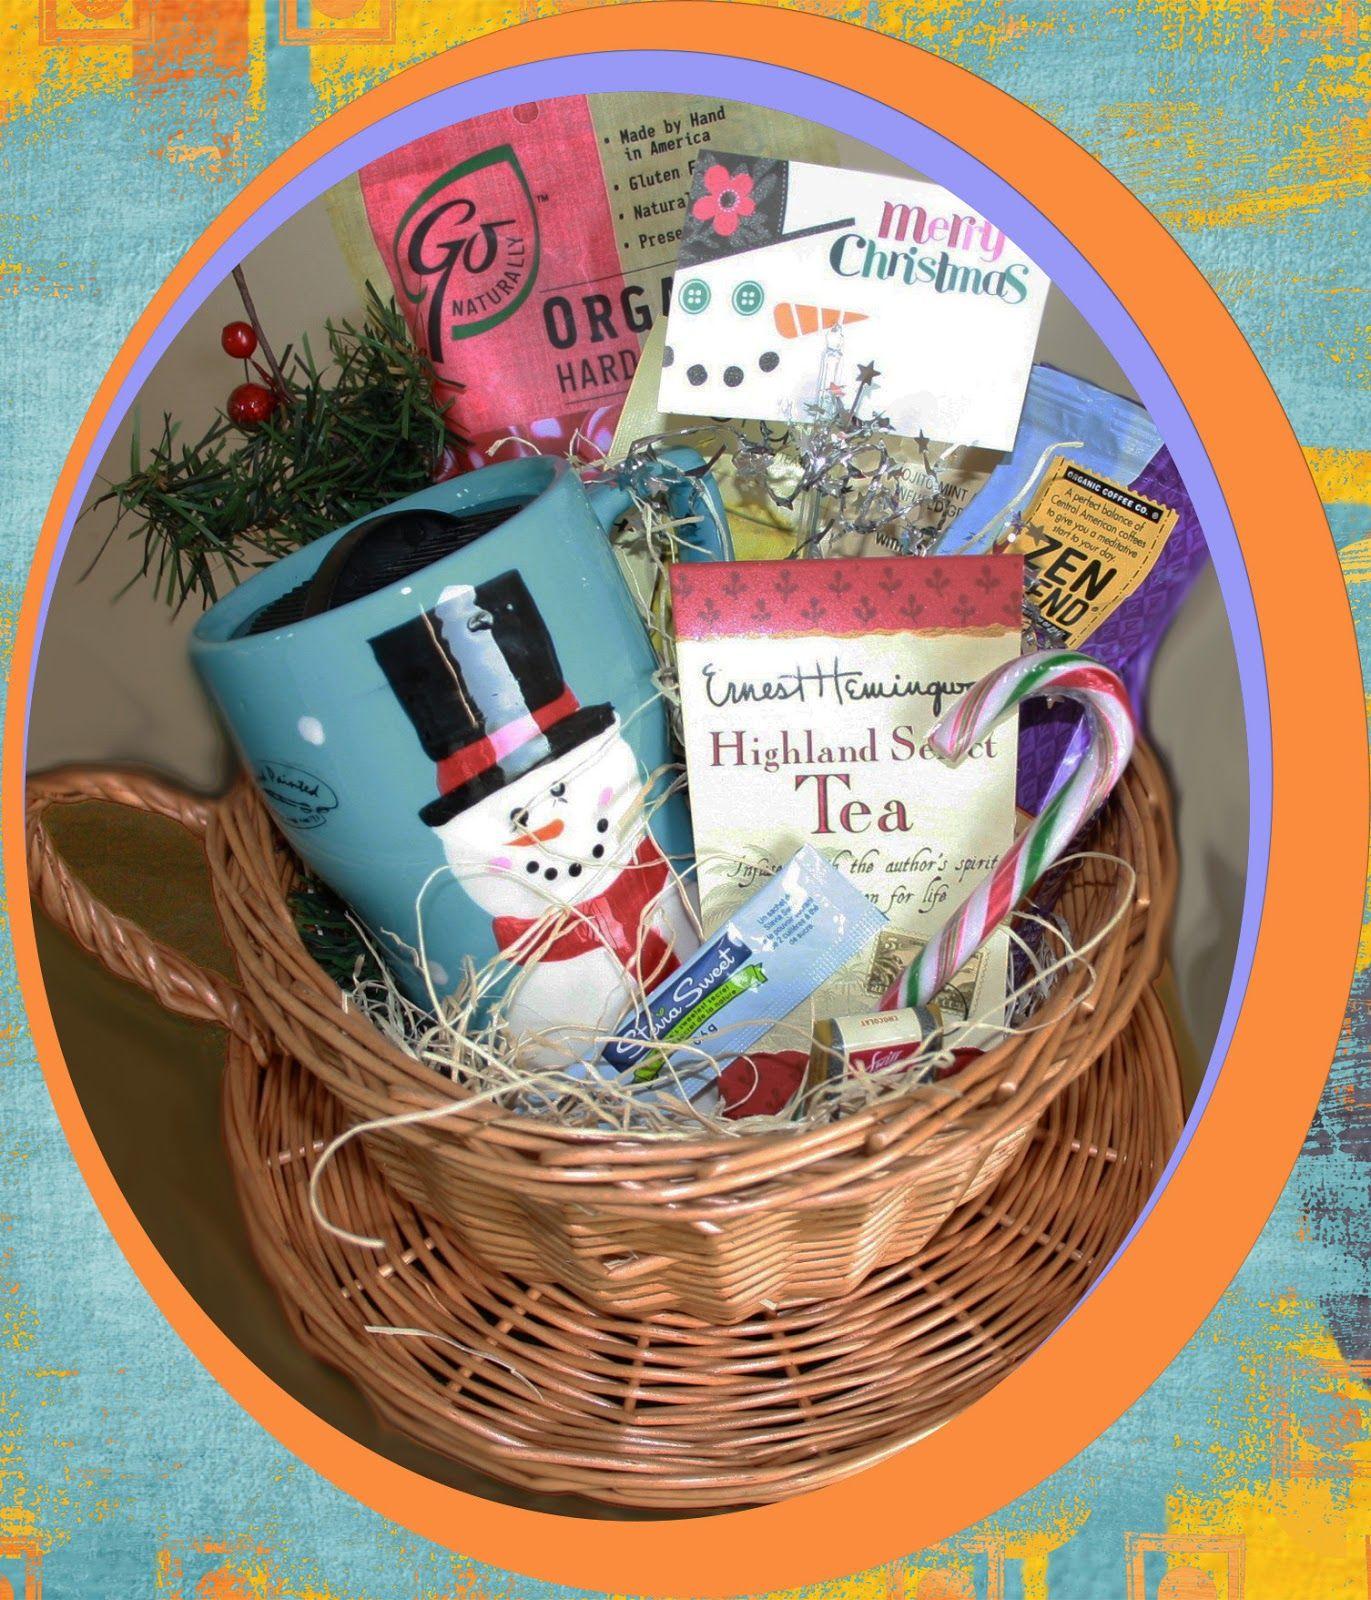 Coffee and tea tea gifts basket gift baskets christmas